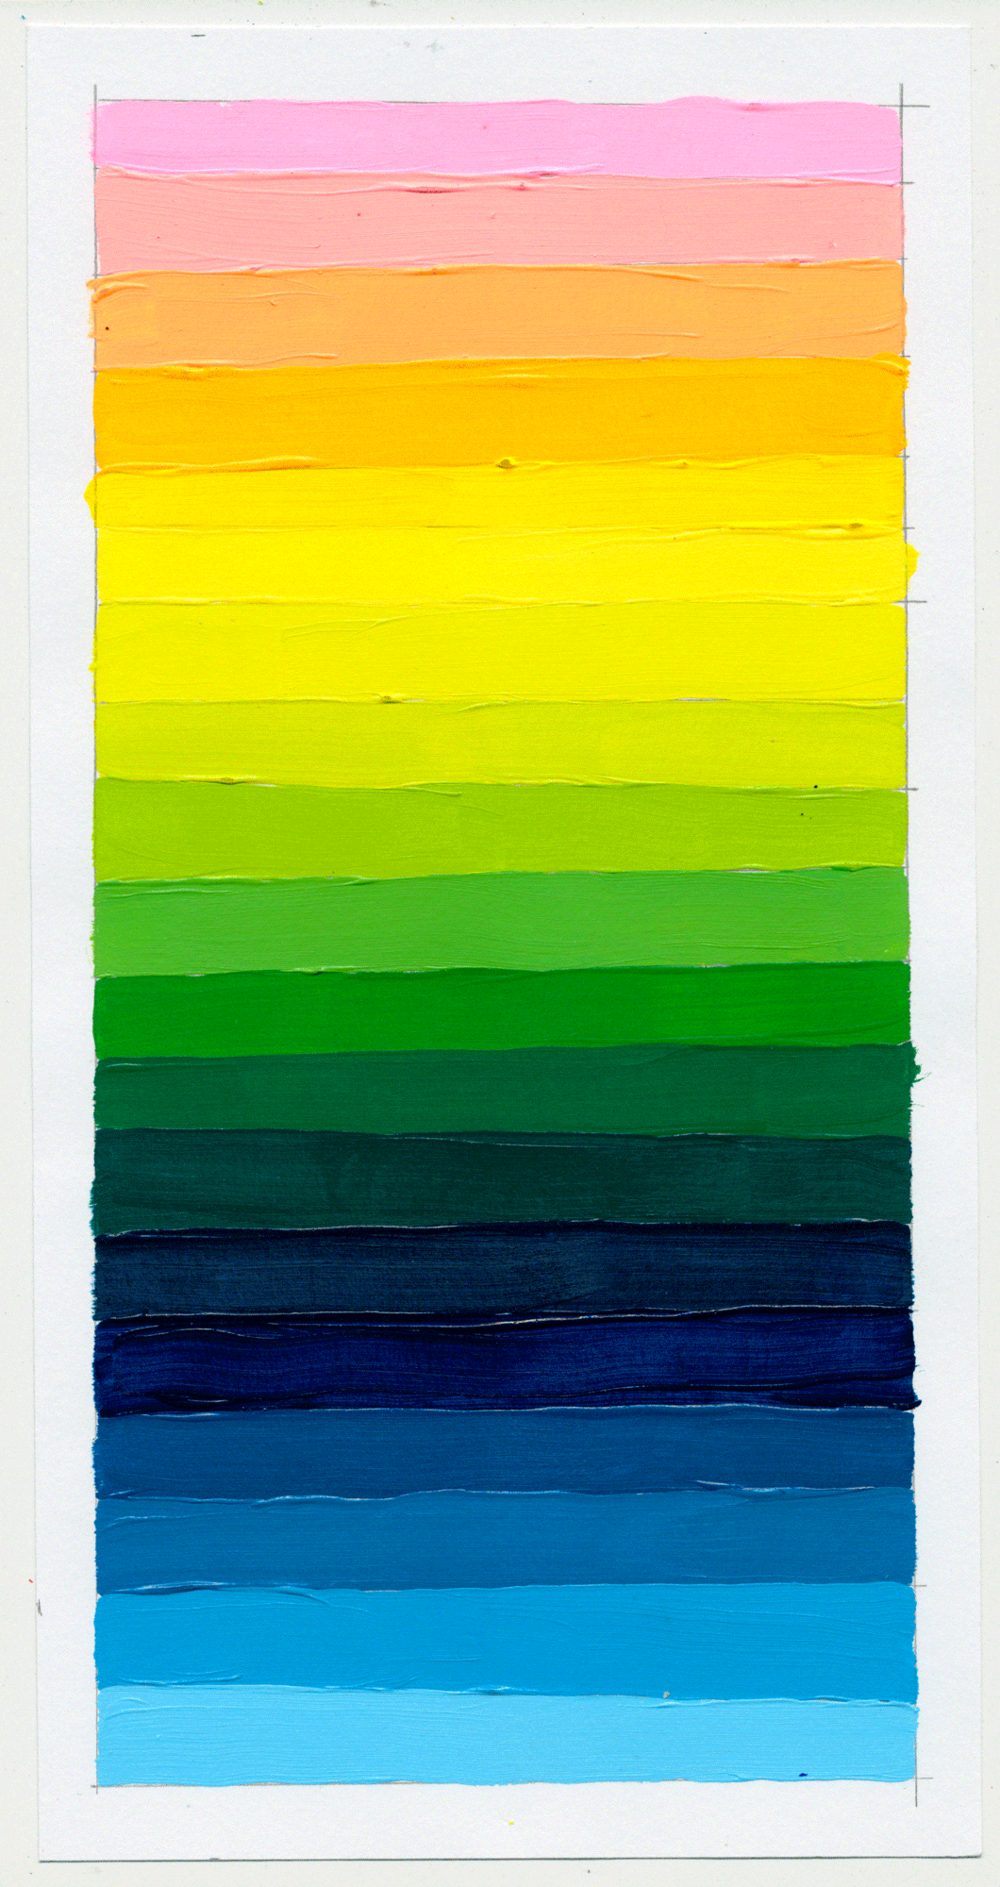 """NY1855 11"""" X 6"""", acrylic on paper, 2018"""